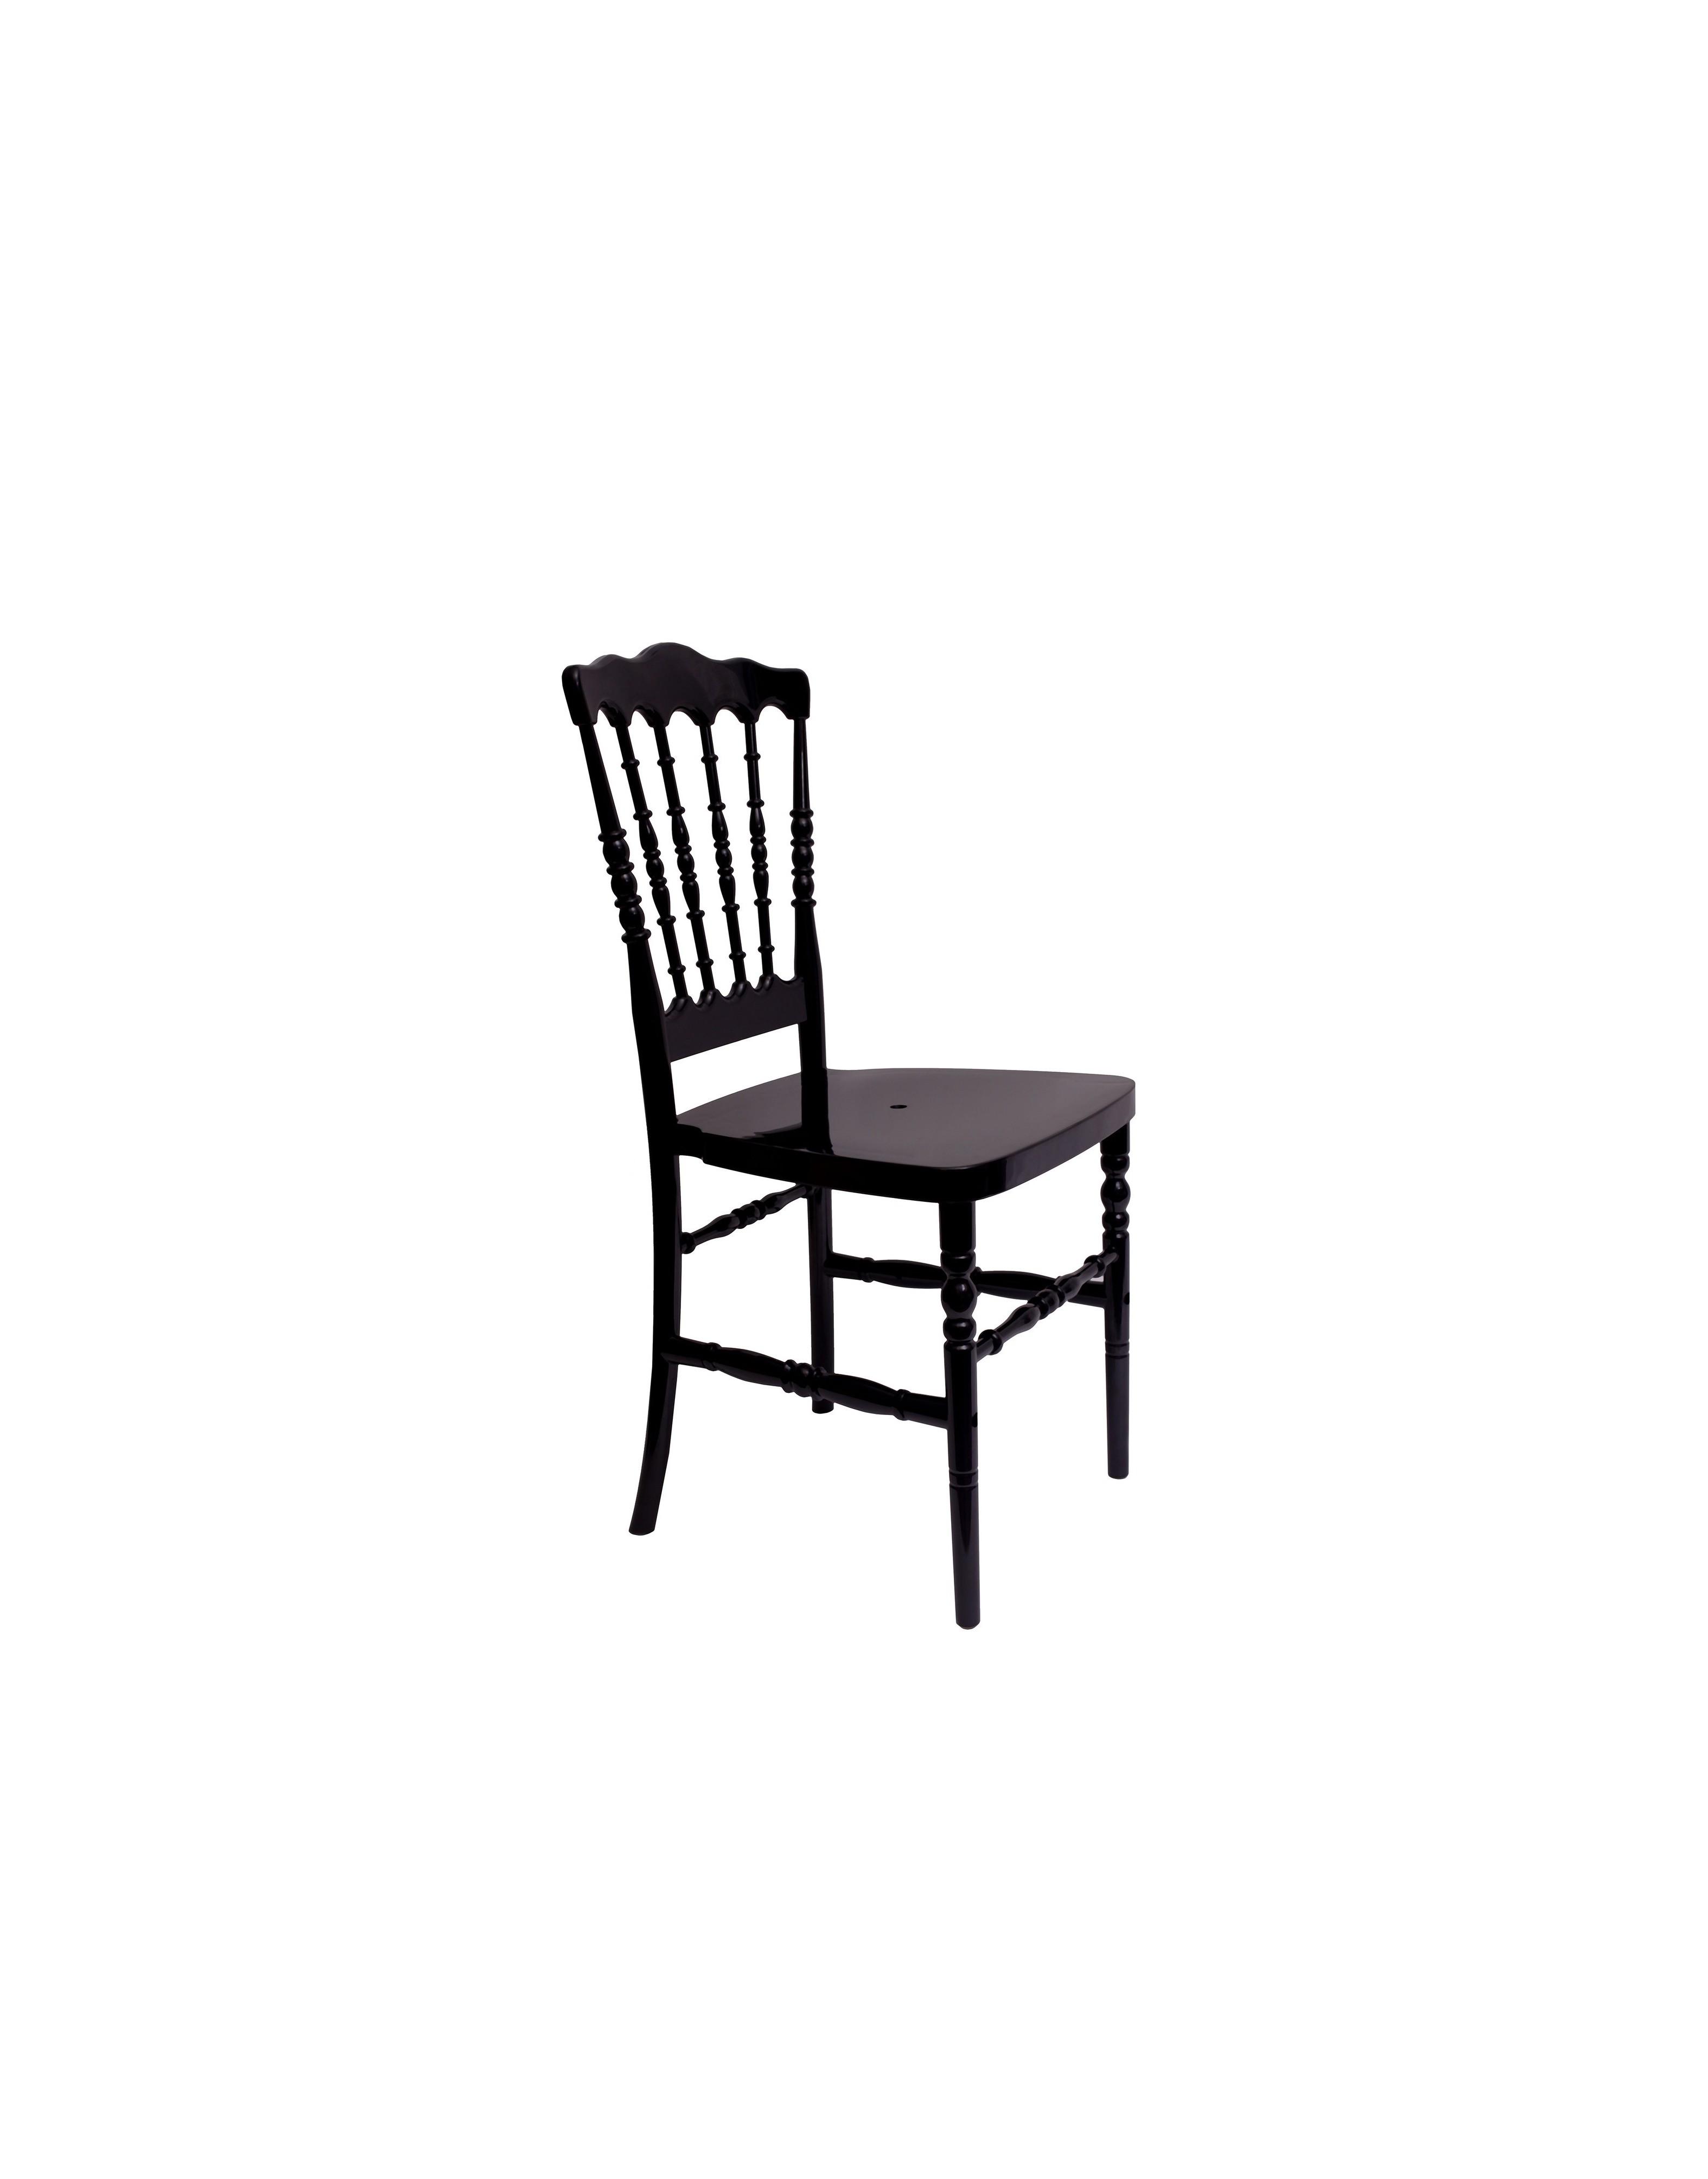 Стул КристаллОбеденные стулья<br>Коллекция «Кристалл», объединяющая в себе элементы классики и модерна, обладает изысканной элегантностью и плавностью линий, которые прекрасно дополнят интерьер кухни или гостиной. К тому же, изящный дизайн стульев Стул «Кристалл» будет прекрасным выбором для свадебного торжества, банкета и любого другого вечернего мероприятия.<br><br>Material: Пластик<br>Length см: 45<br>Width см: 45<br>Depth см: 40,5<br>Height см: 90,5<br>Diameter см: Ширина